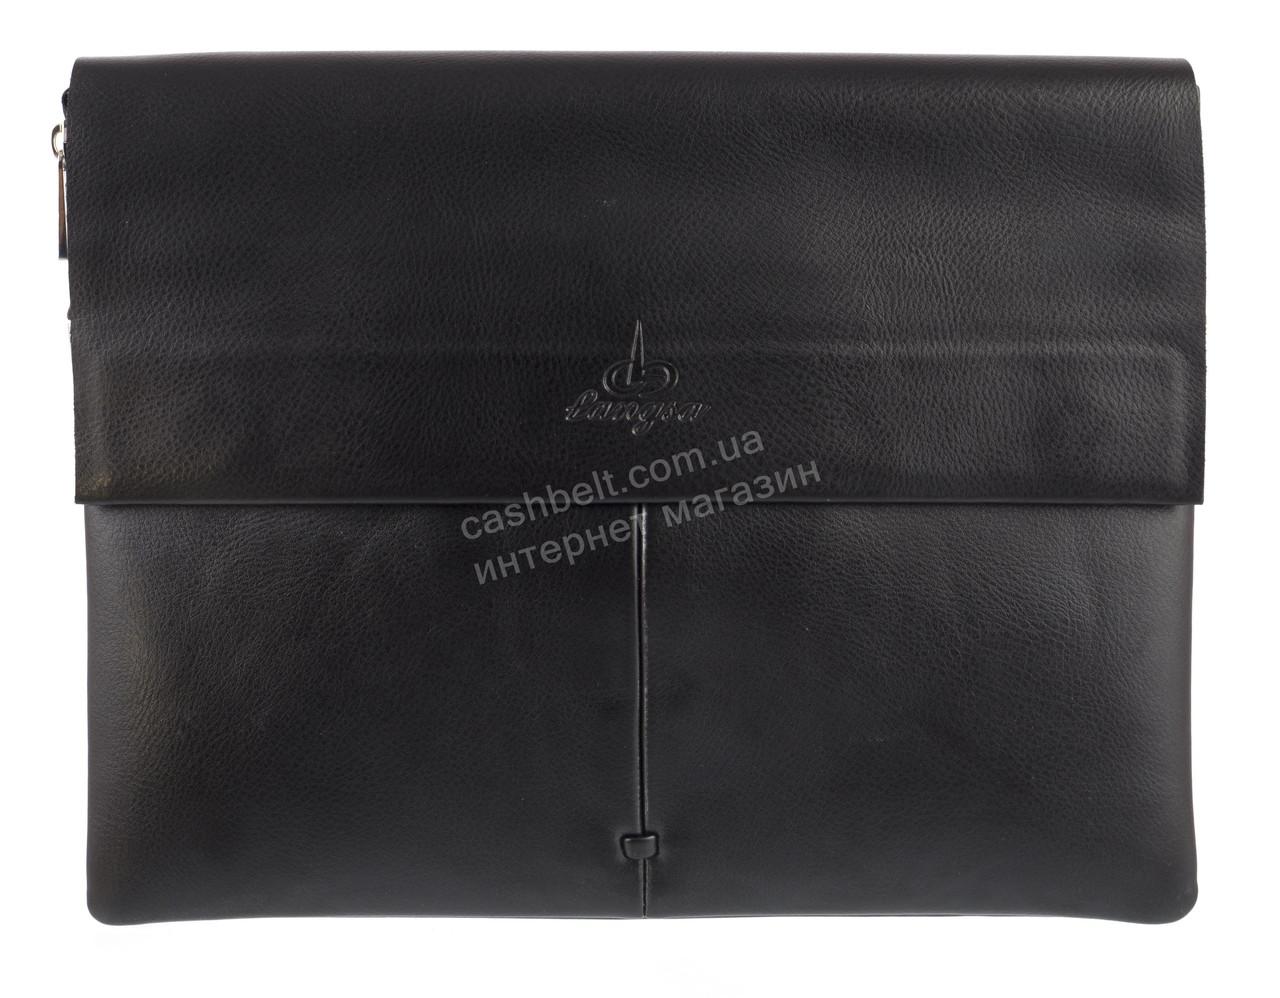 Вместительная черная горизонтальная мужская сумка с качественной PU кожи LANGSA art. 888-6 черная